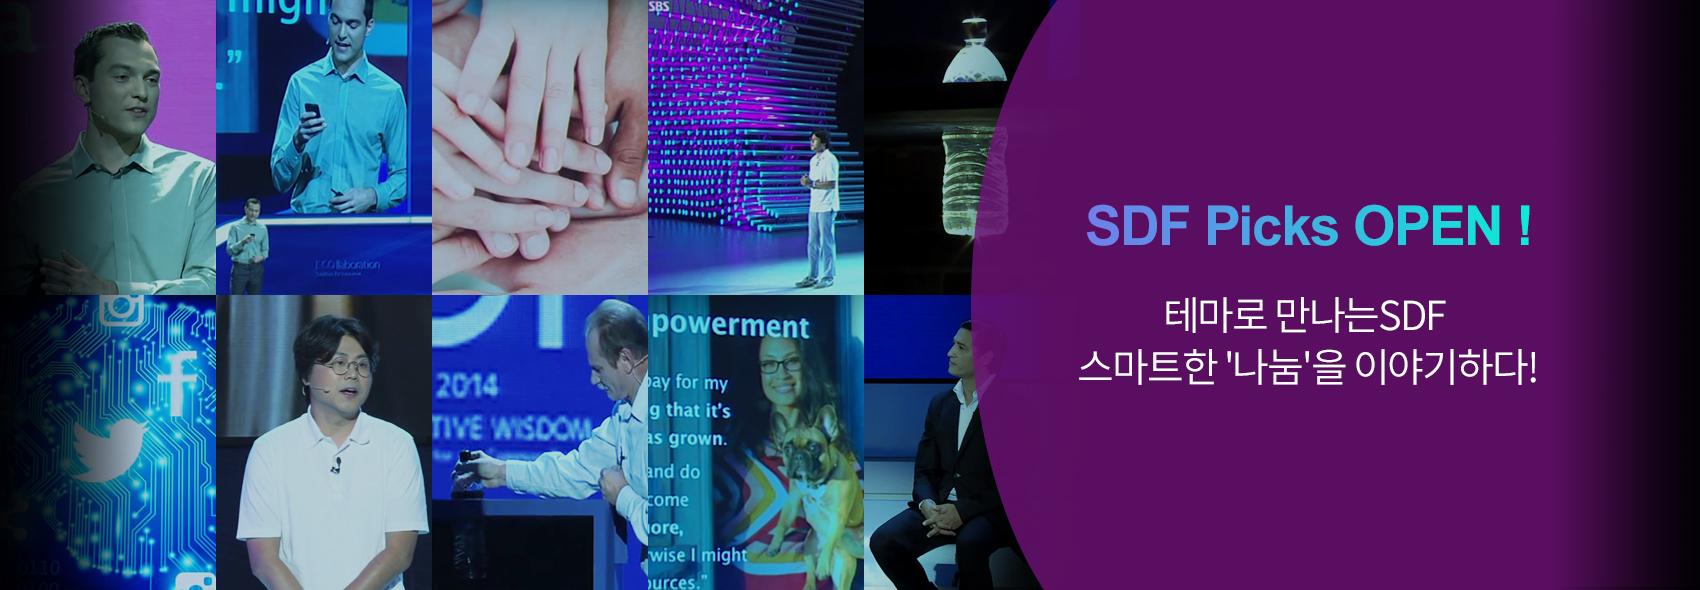 테마로 만나는SDF<br>스마트한 ′나눔′을 이야기하다!